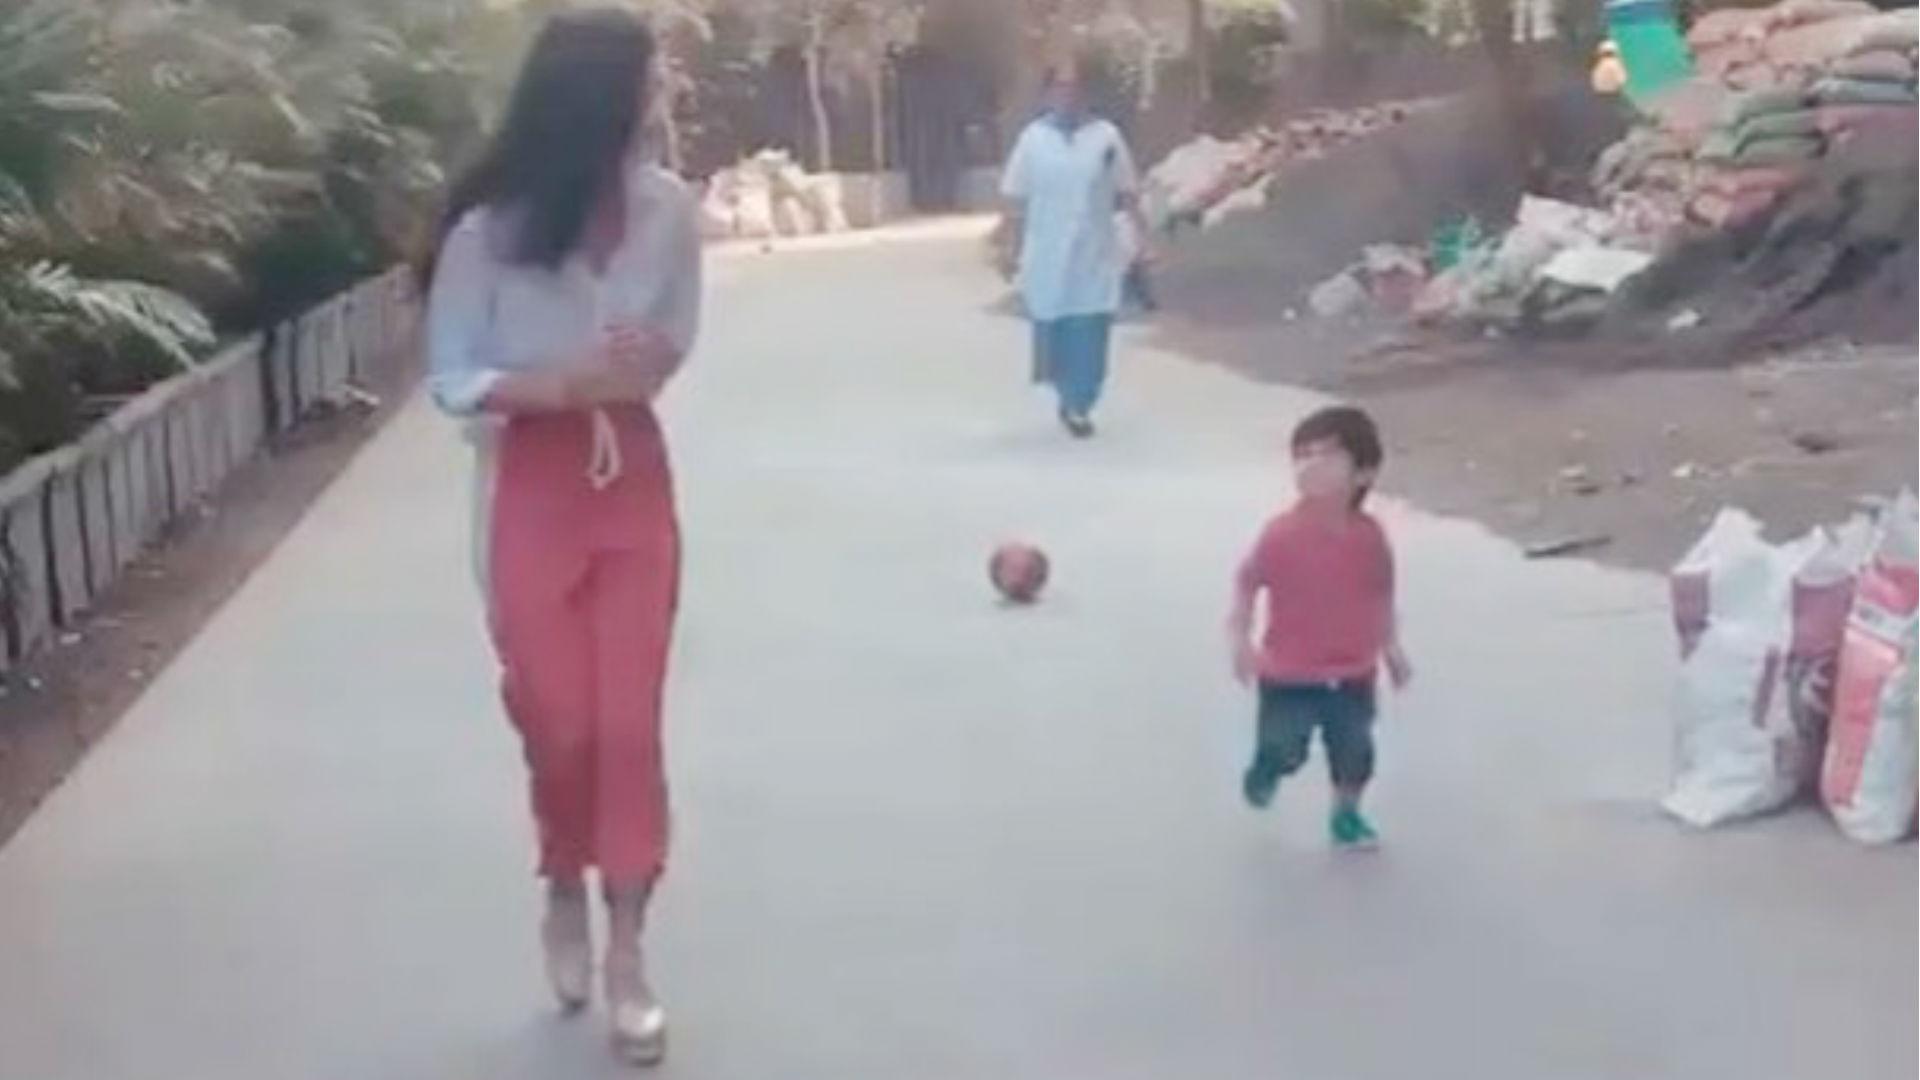 करीना कपूर के लाडले तैमूर अली खान फिल्म गुड न्यूज के सेट पर कियारा आडवाणी संग यूं कर रहे मस्ती, वीडियो वायरल